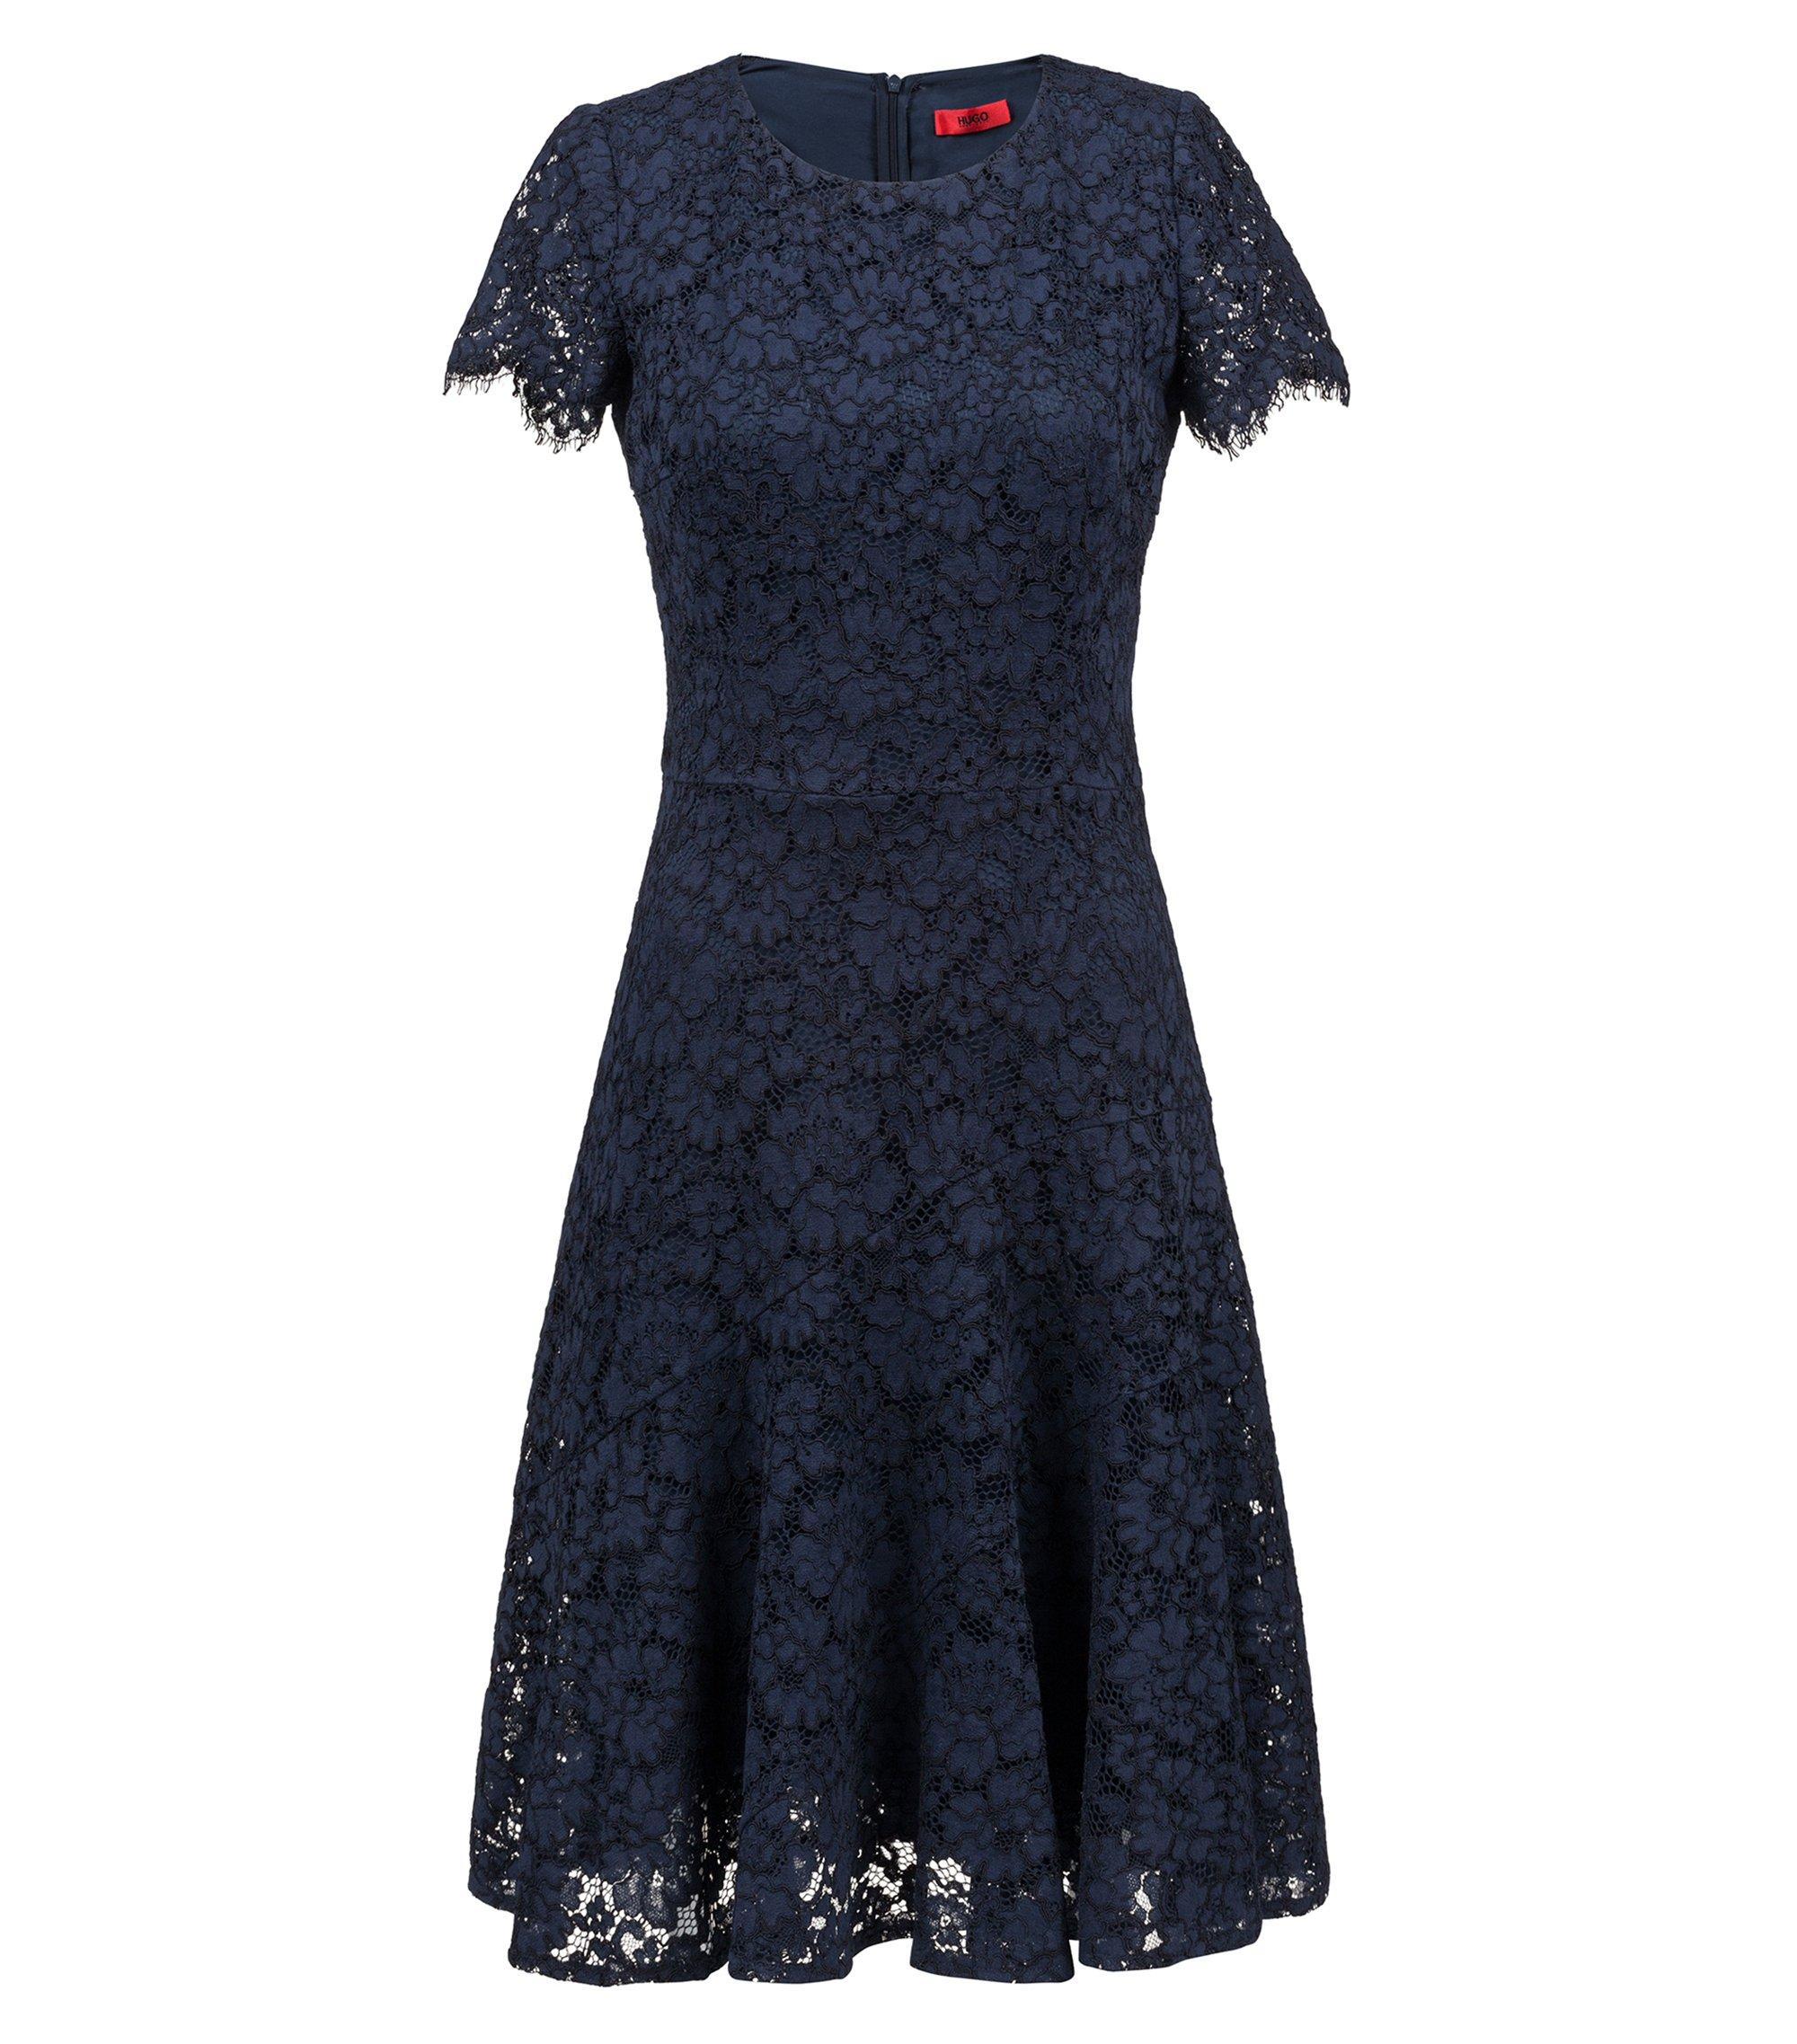 Robe en dentelle à manches courtes et jupe festonnée, Bleu foncé